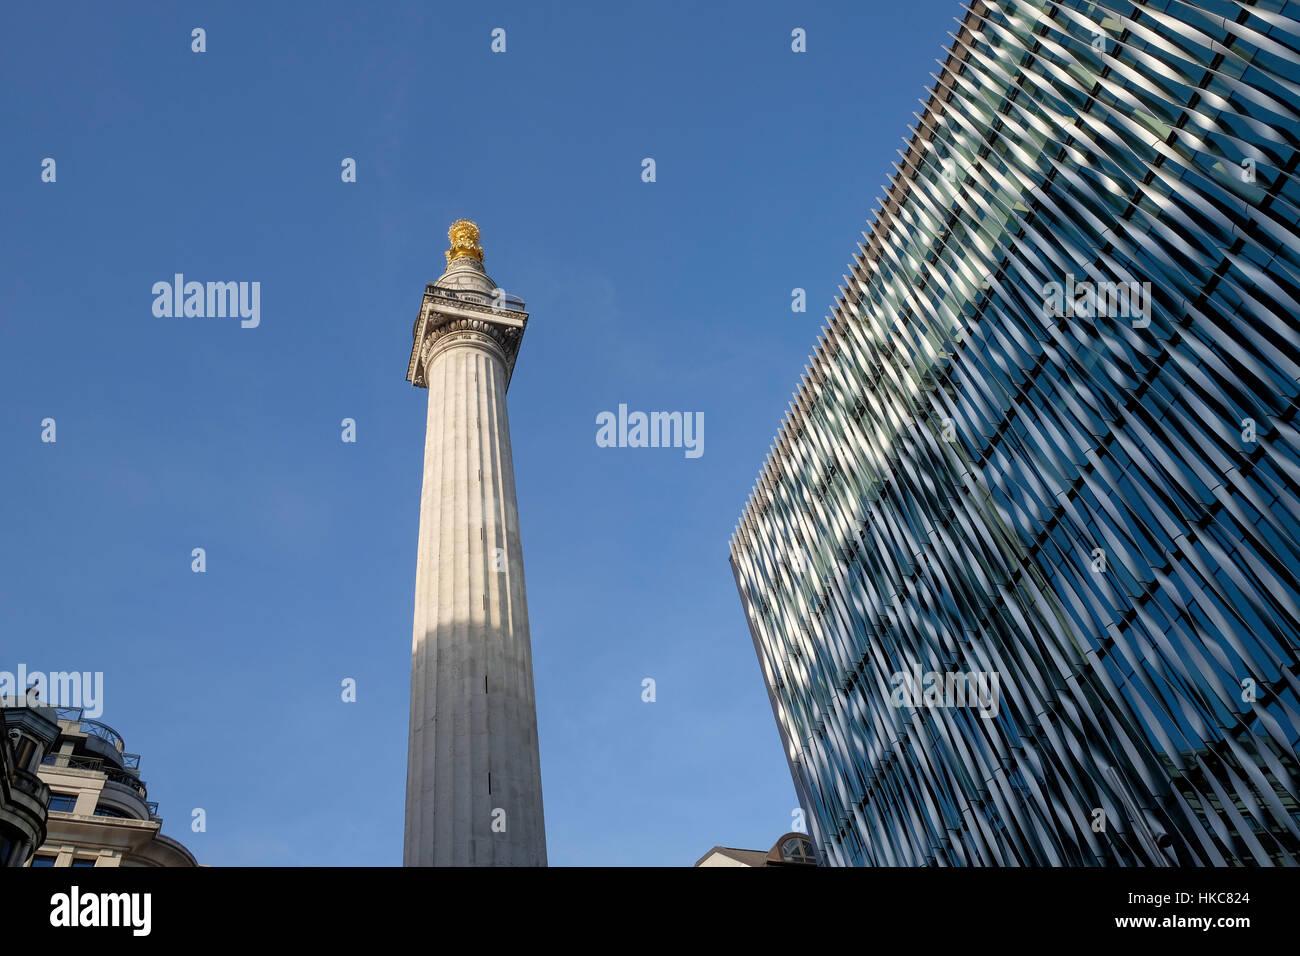 Das Denkmal für den großen Brand von London, Fisch St Hill, London, UK. Stockbild